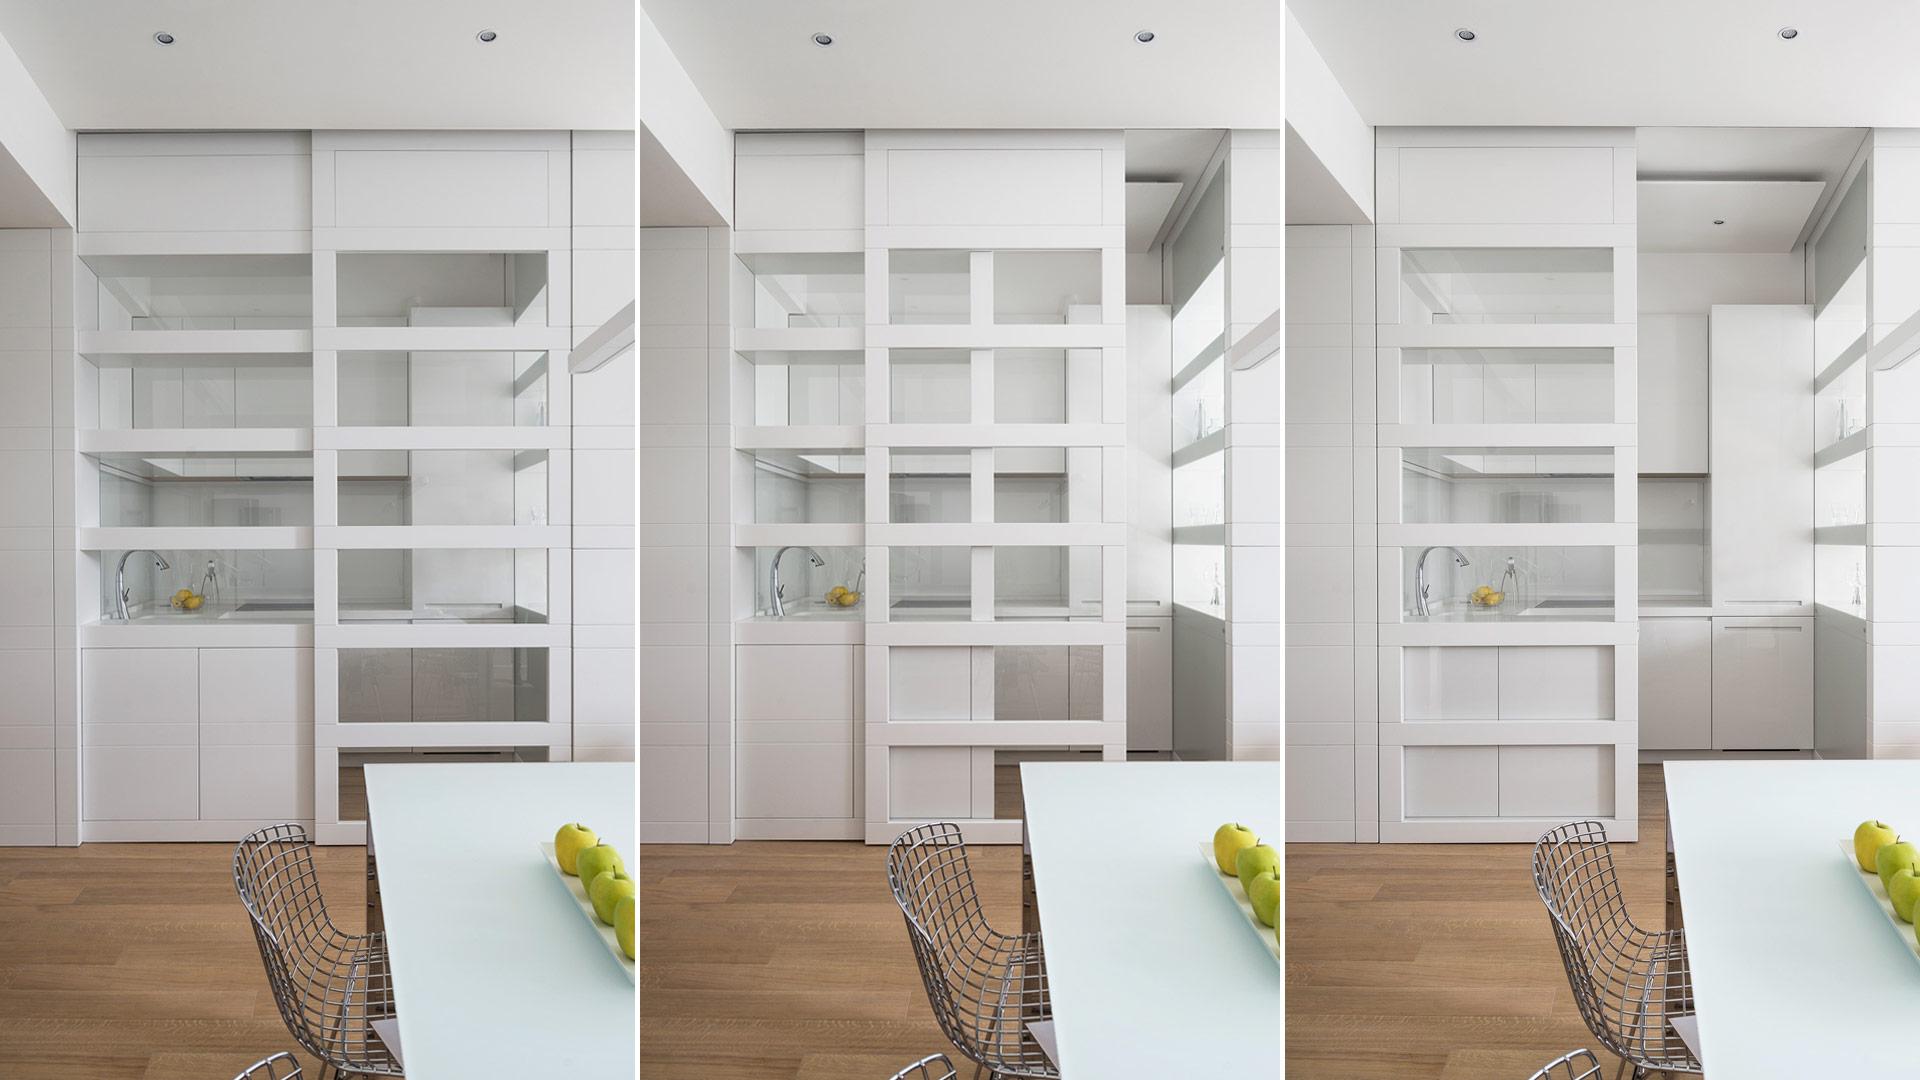 Progetto Contract Interior Design appartamento privato Roma - Area-contract-Cicchetti-03